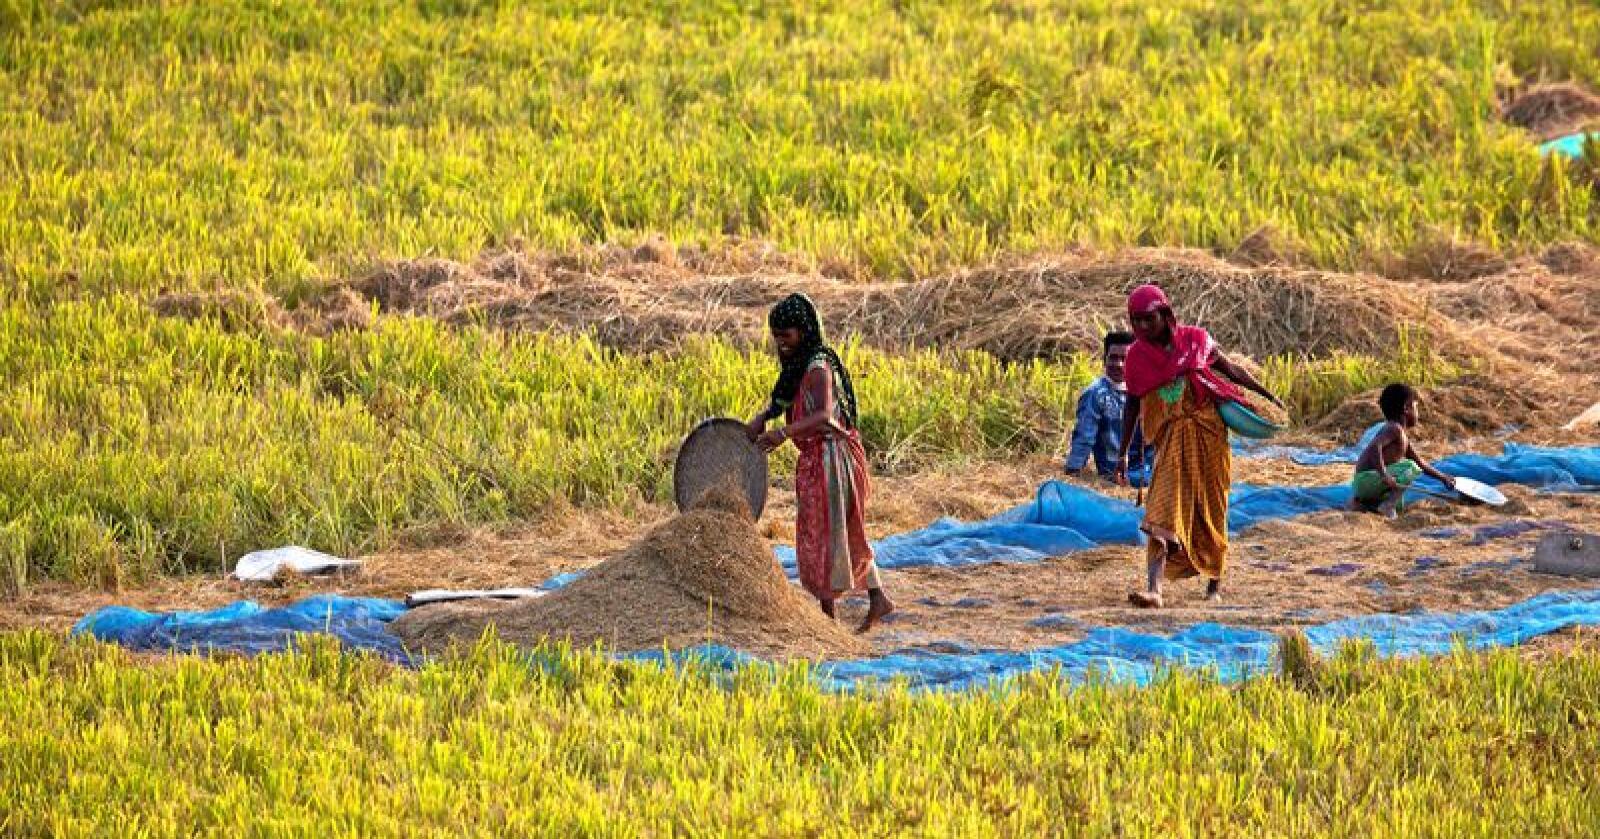 Innsats: Kvinner står for over halvparten av arbeidet som gjøres i landbruket, men nyter lite av godene. Foto: Anupam Nath/AP/NTB scanpix